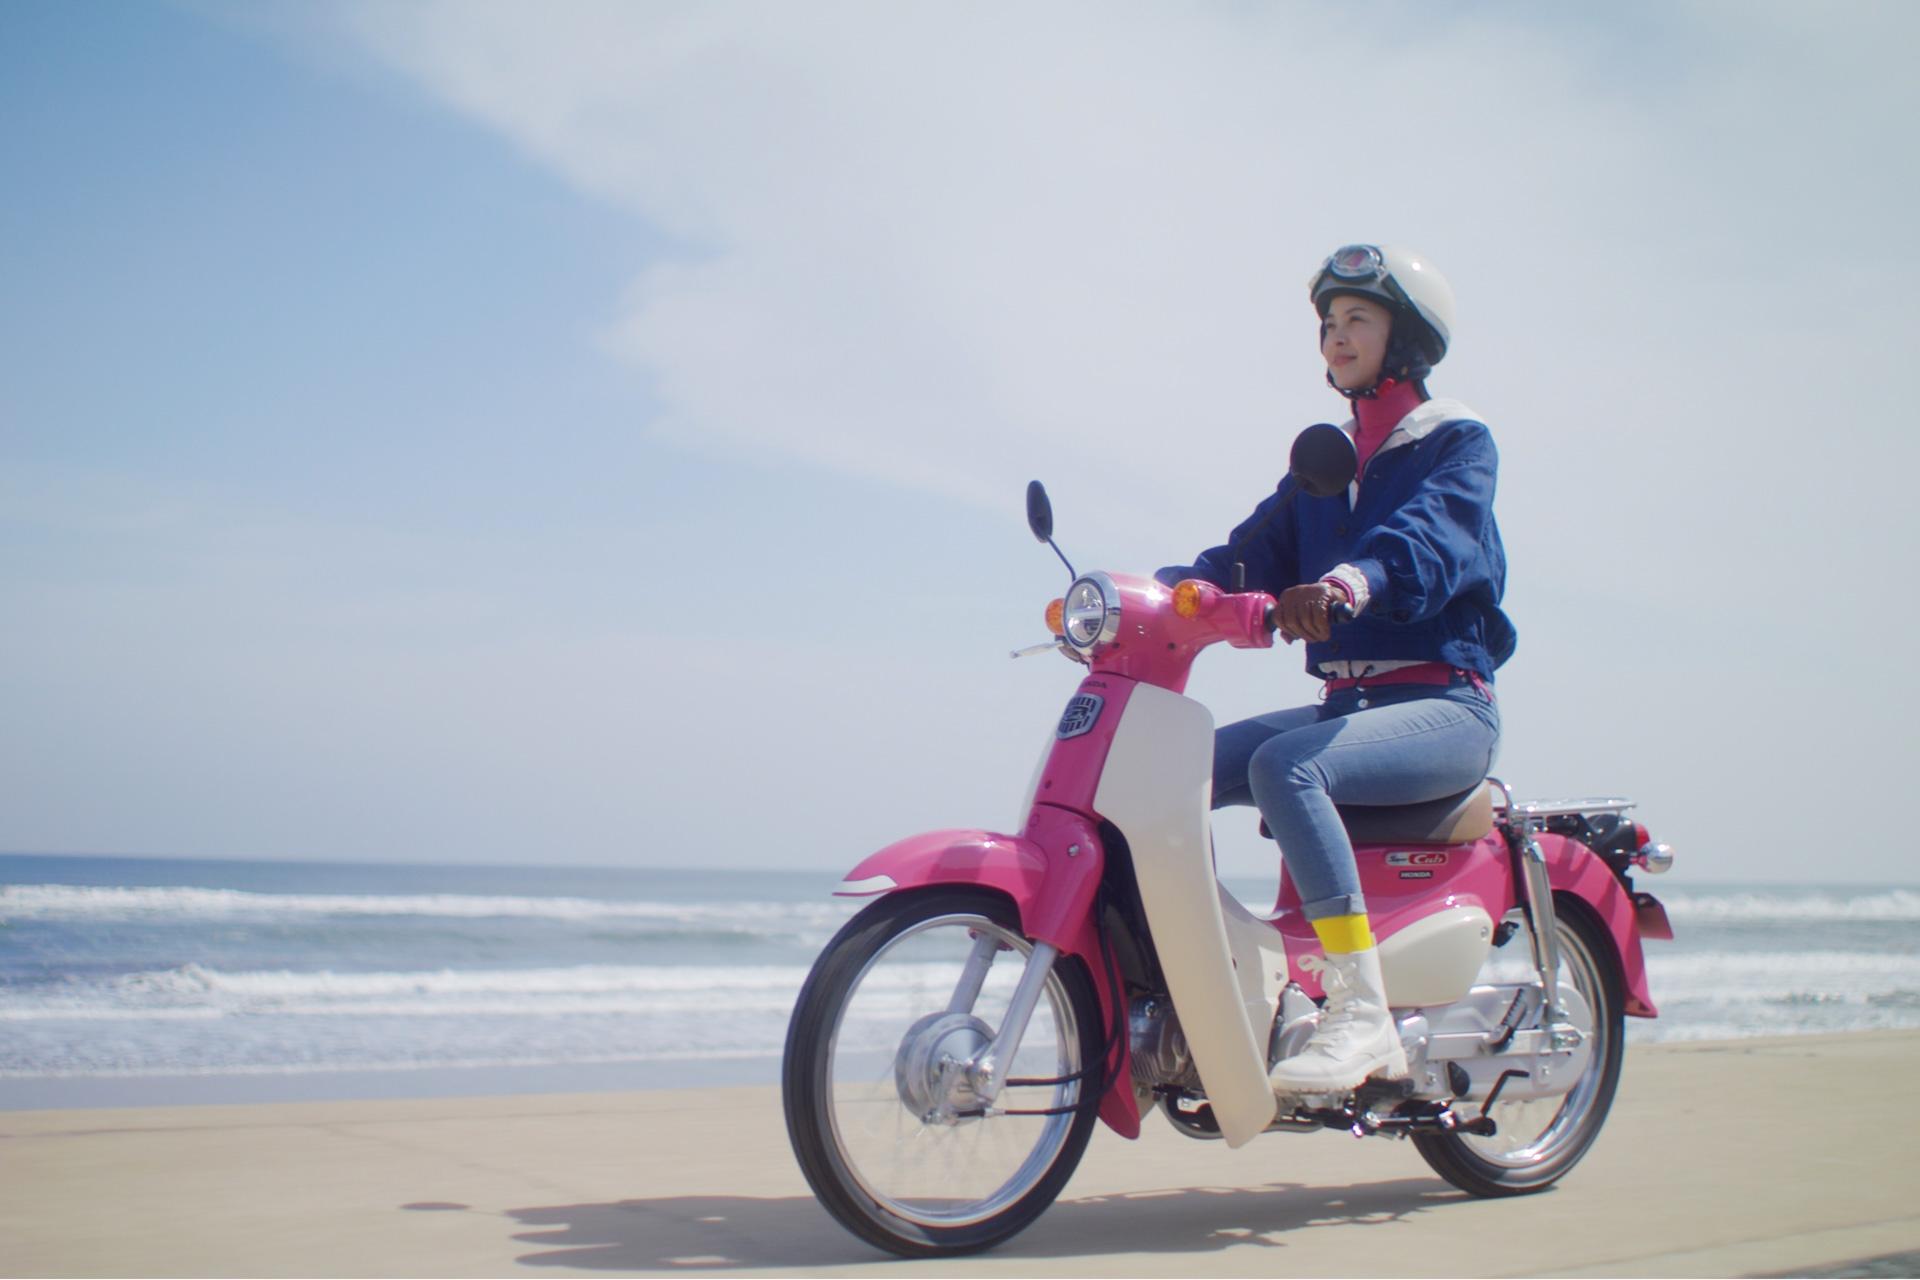 ホンダ バイク レンタル レンタルバイクならホンダGOバイクレンタル